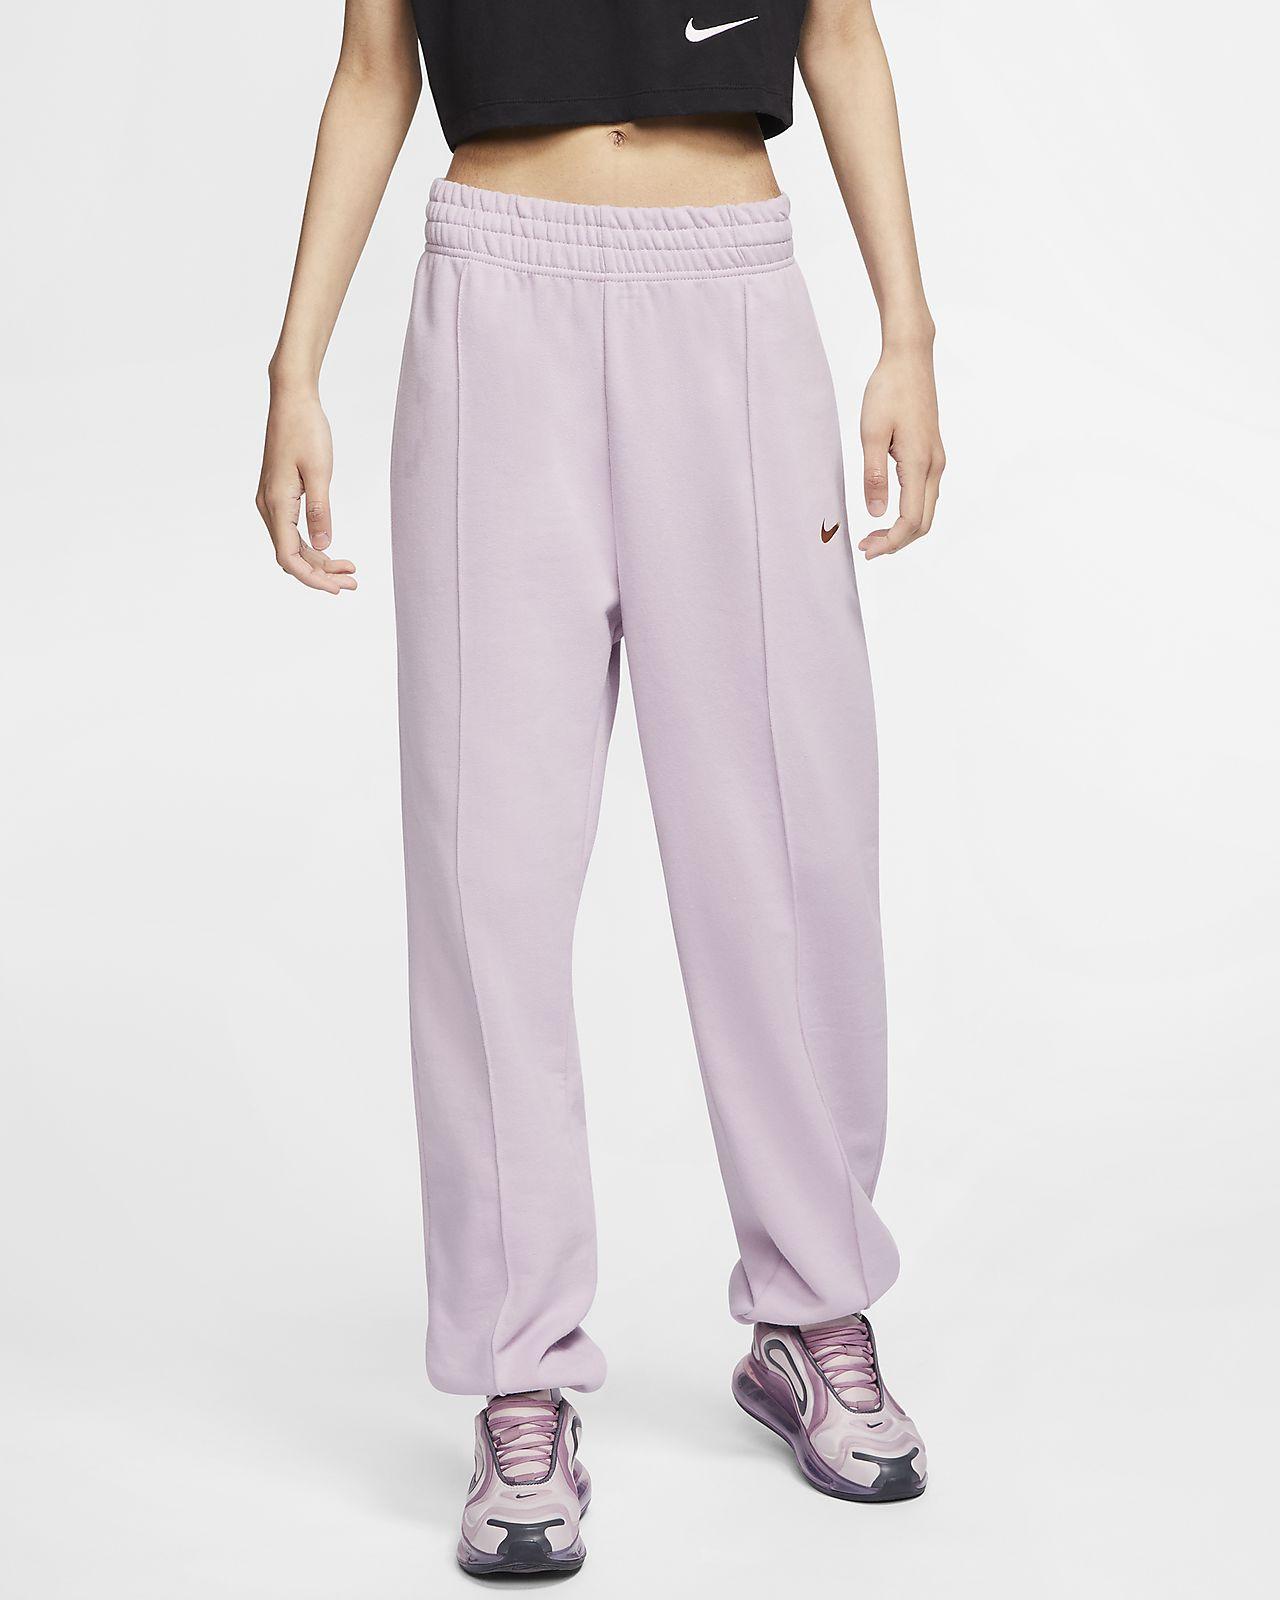 nike sportswear donna hydrogen